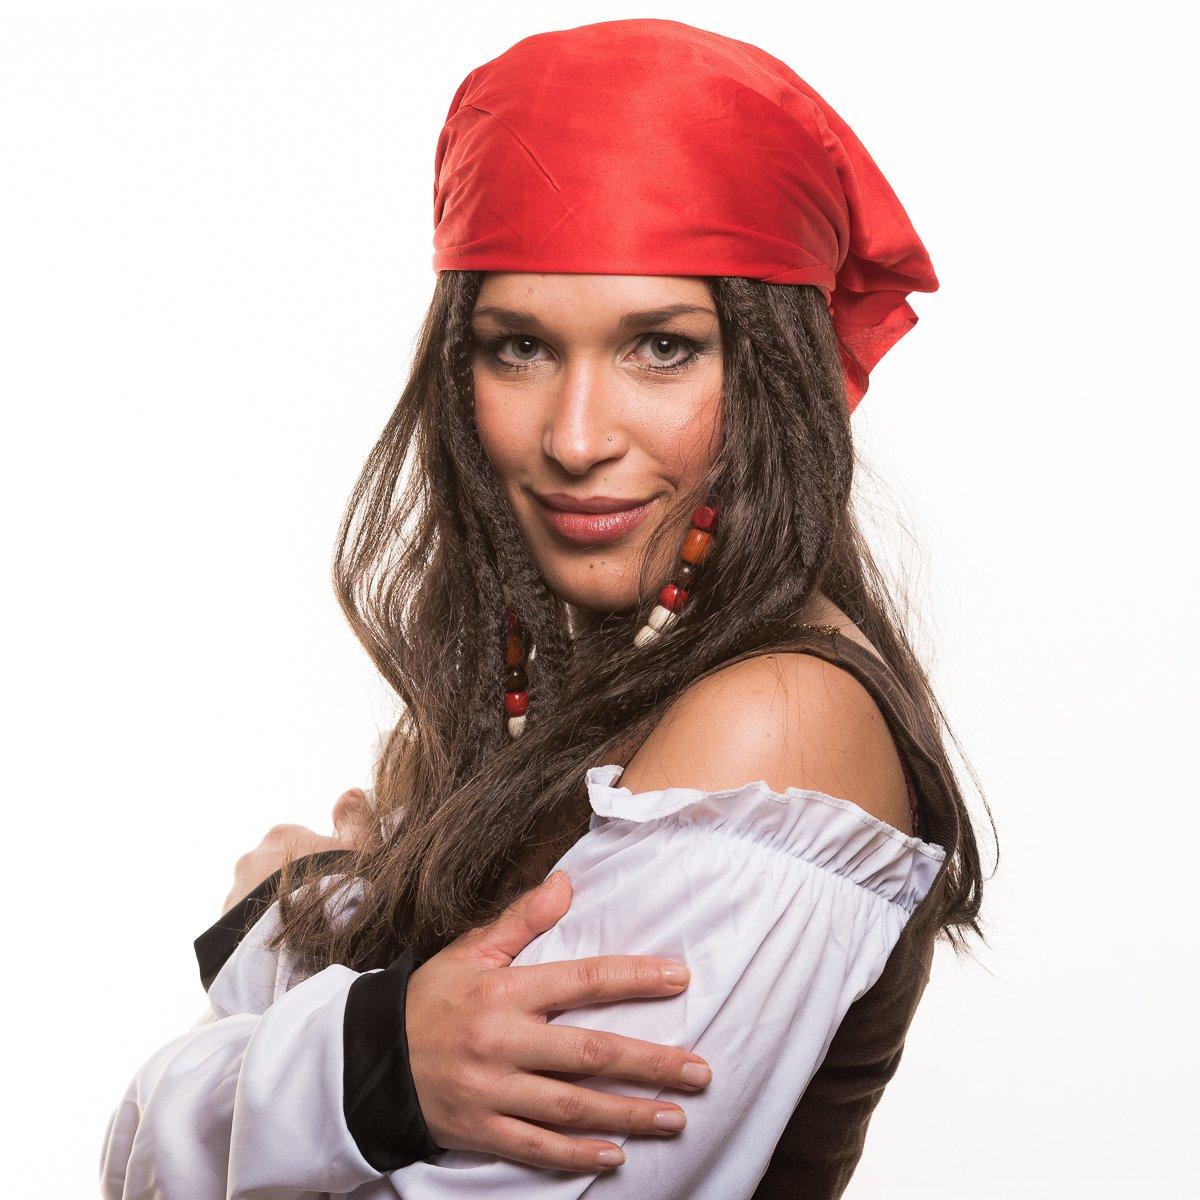 Piratas Pirata Ladrón De Mar Peluca (Peluca de pirata) con perlas und roten Bandana para la perfecto Disfraz de pirata zum Carnaval y el carnaval: ...